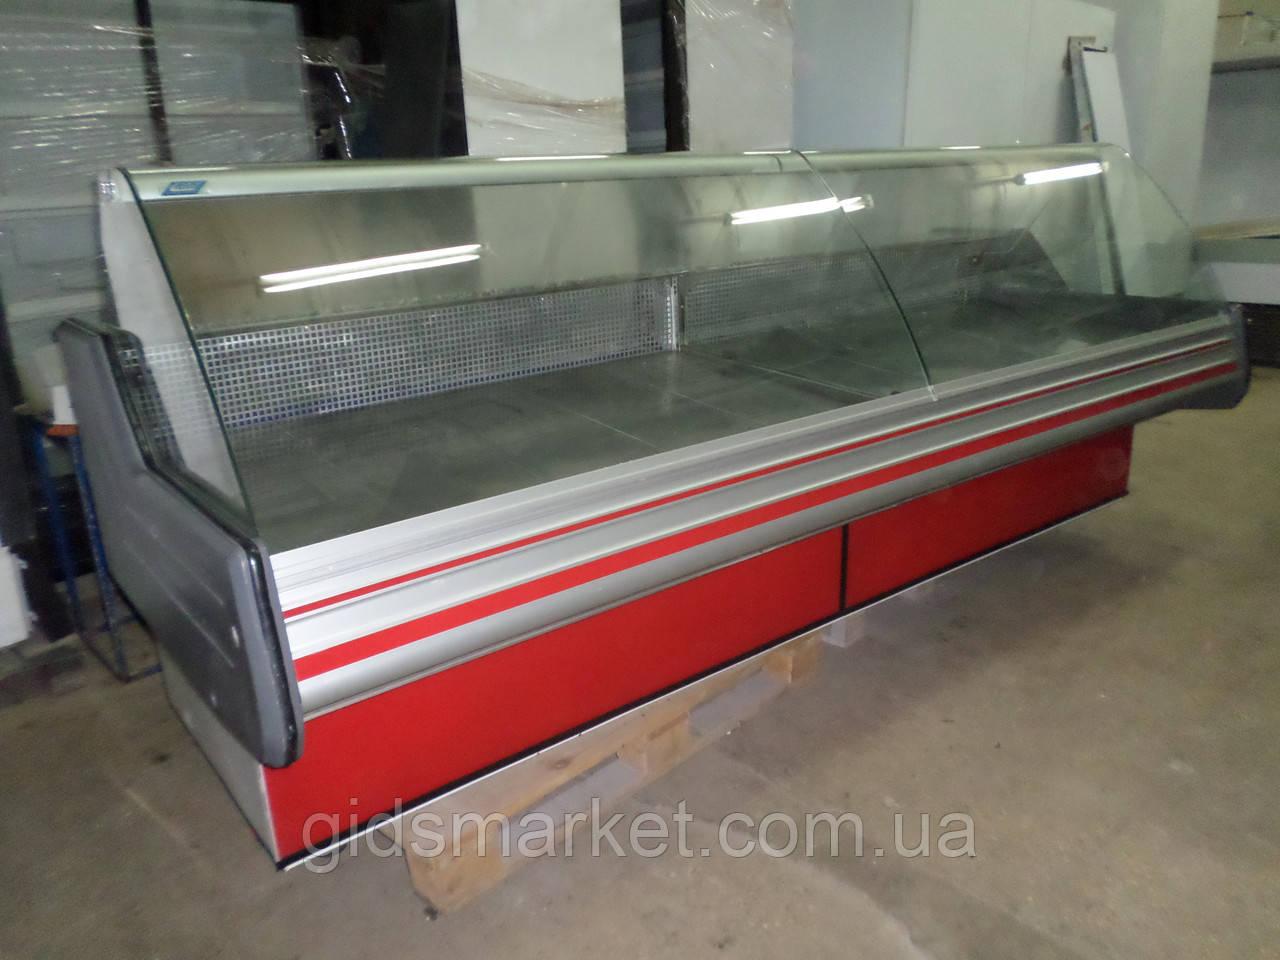 Витрина COLD 3 м. б у, витрина холодильная б/у